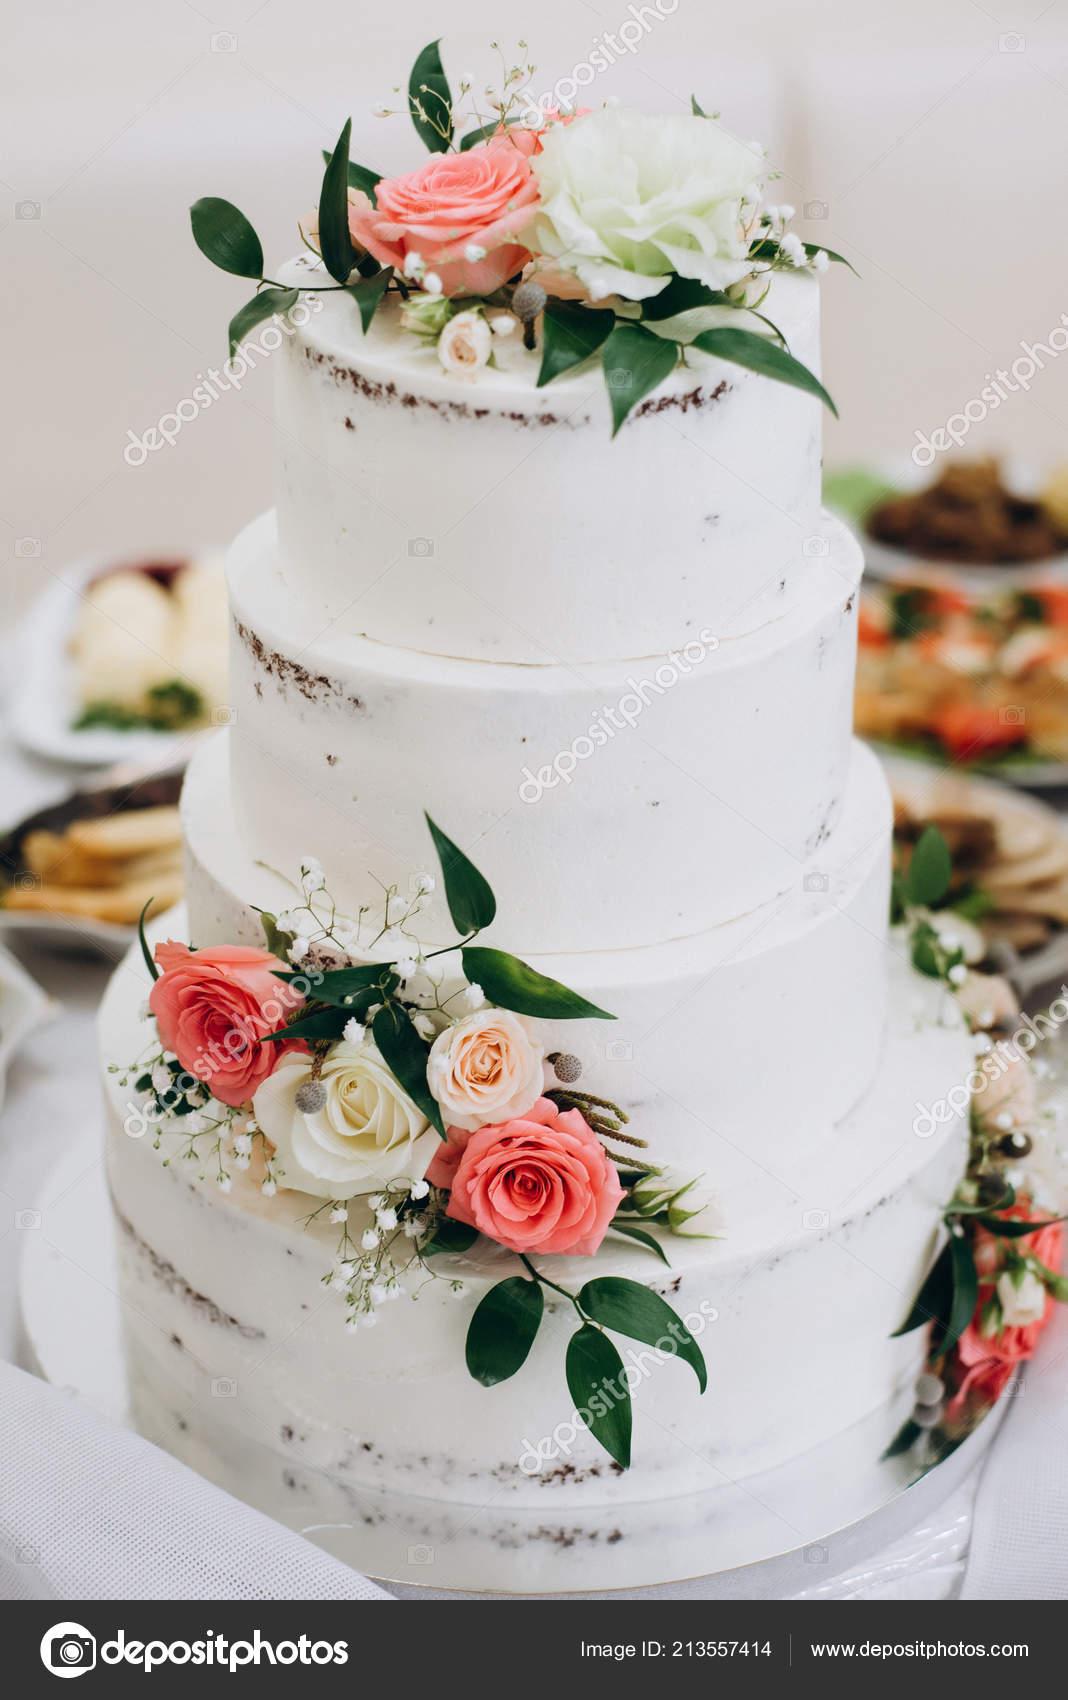 Gâteau Mariage Avec Des Fleurs Rouges Blanches